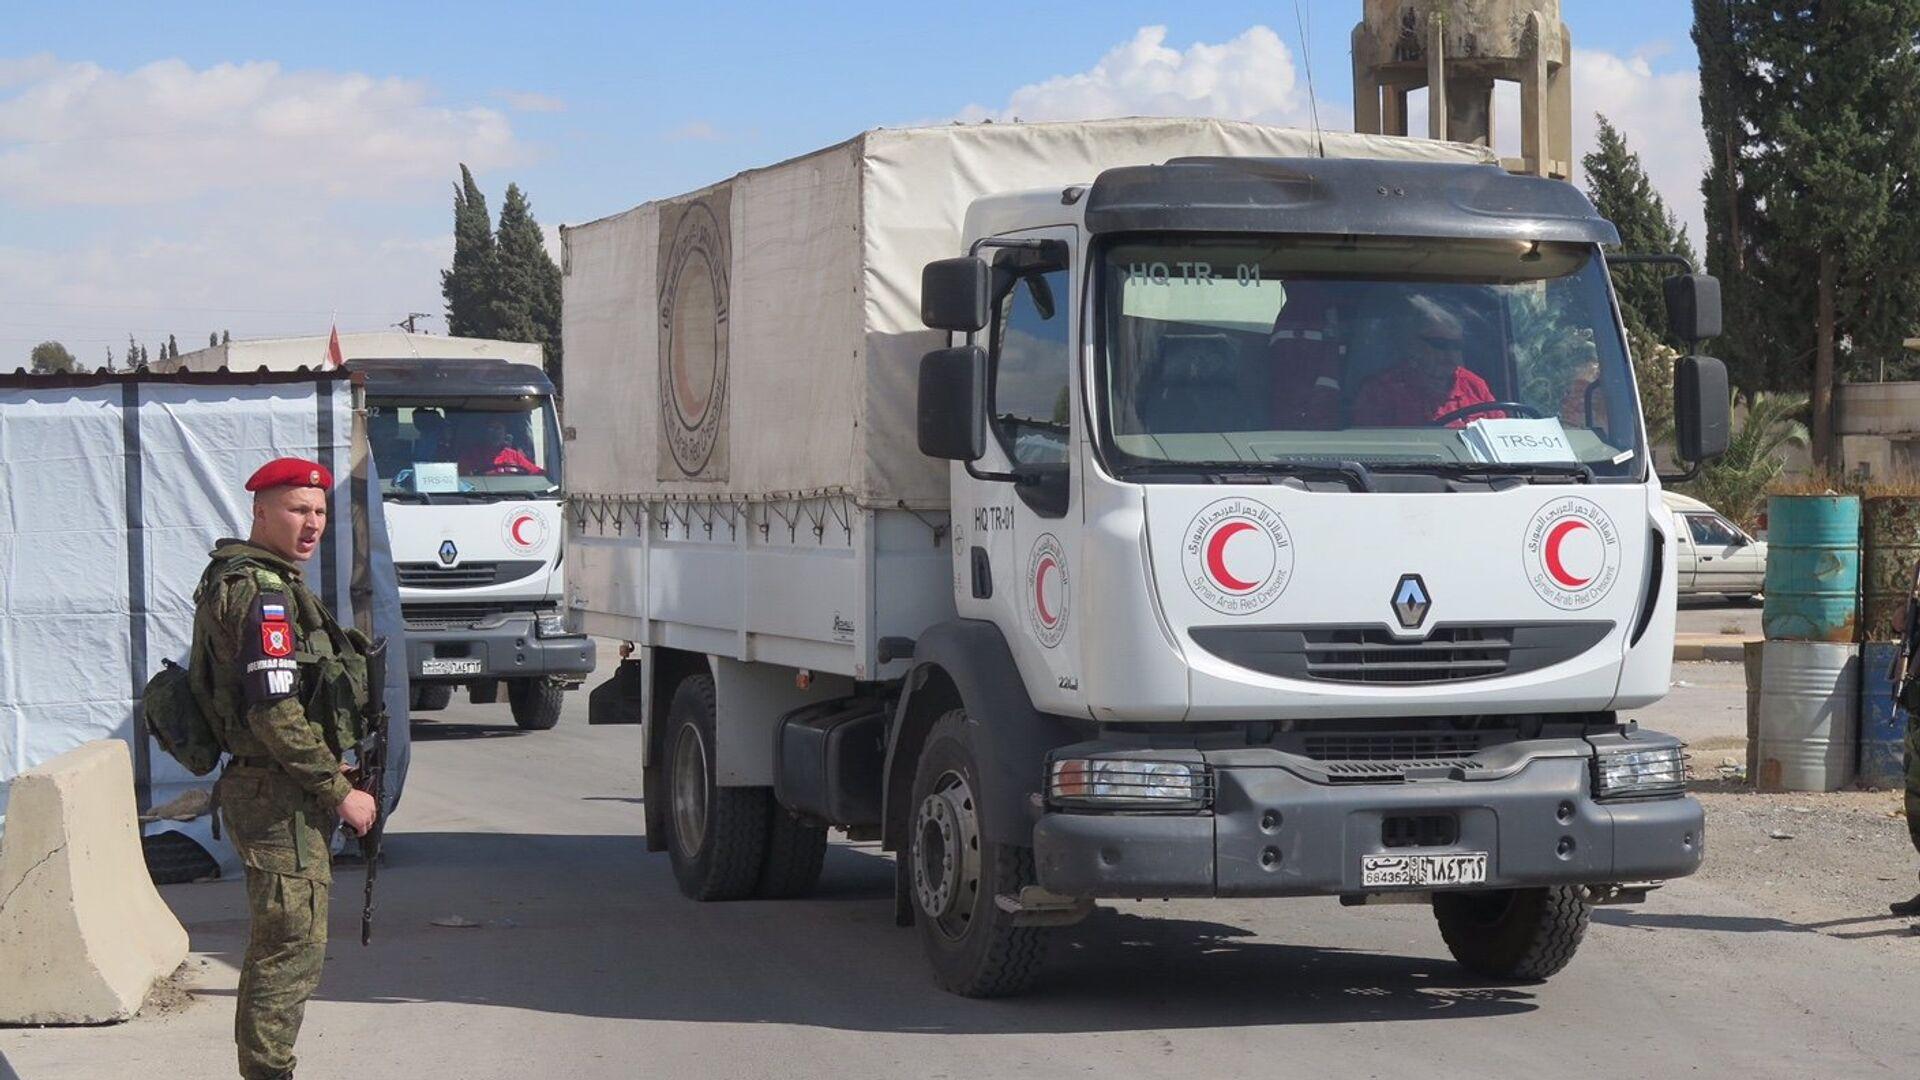 Российские военные обеспечивают беспрепятственный проход гумпомощи ООН в пригород Дамаска, Сирия. 31 октября 2017 - РИА Новости, 1920, 11.02.2021